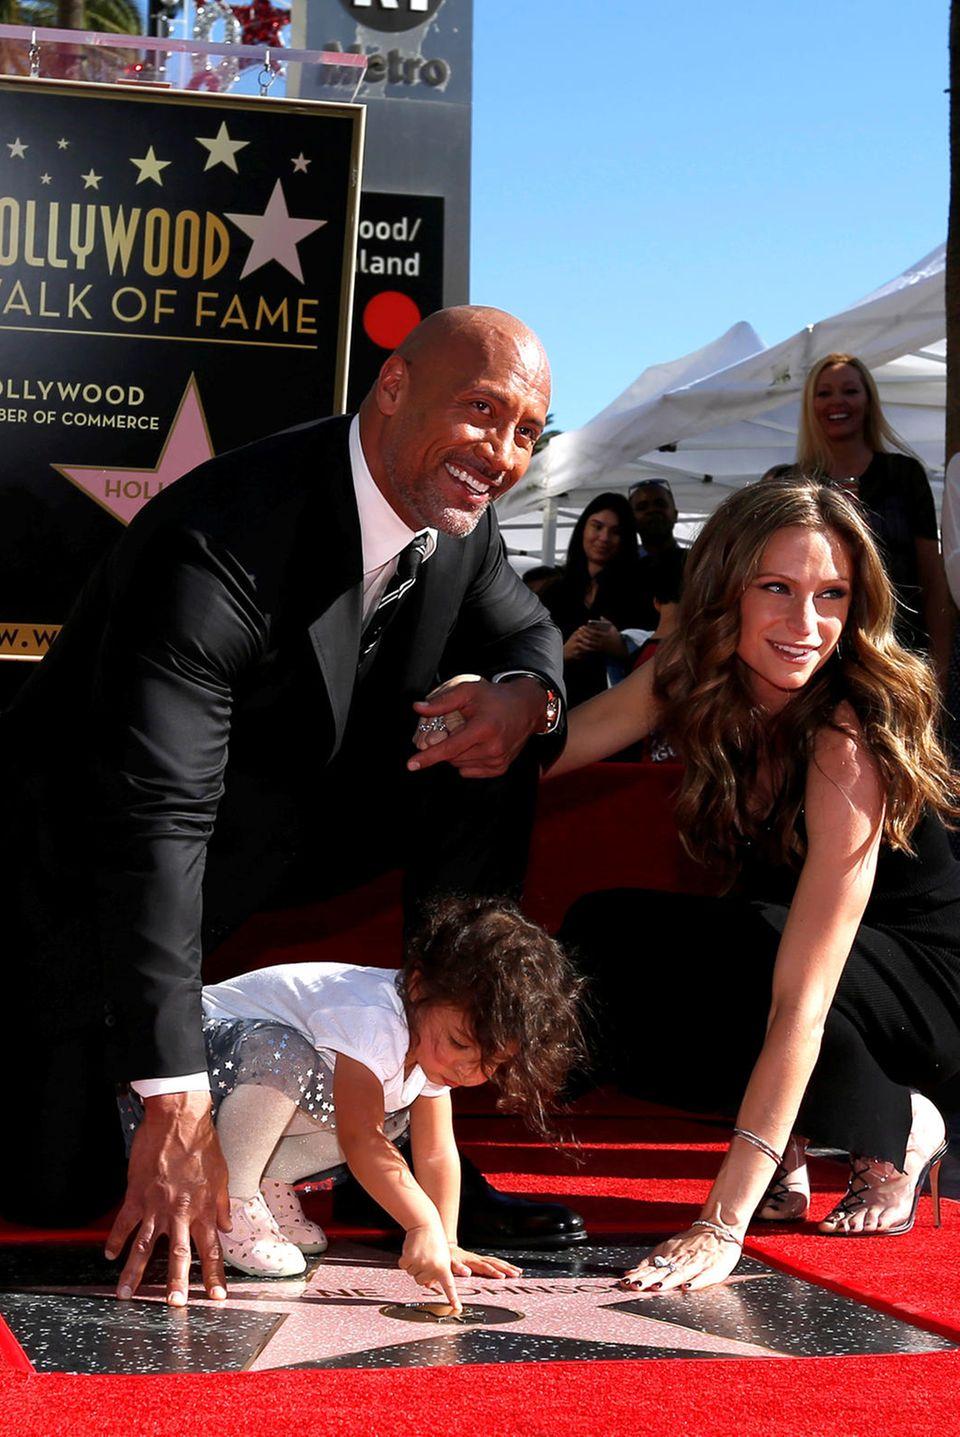 """13. Dezember 2017  Dwayne Johnson wird in Hollywood mit einem Stern auf dem berühmten Walk of Fame geehrt. Unterstützung bekommt """"The Rock"""" an diesem besonderen Tag von seiner Frau Lauren Hashian und Tochter Jasmine Lia."""